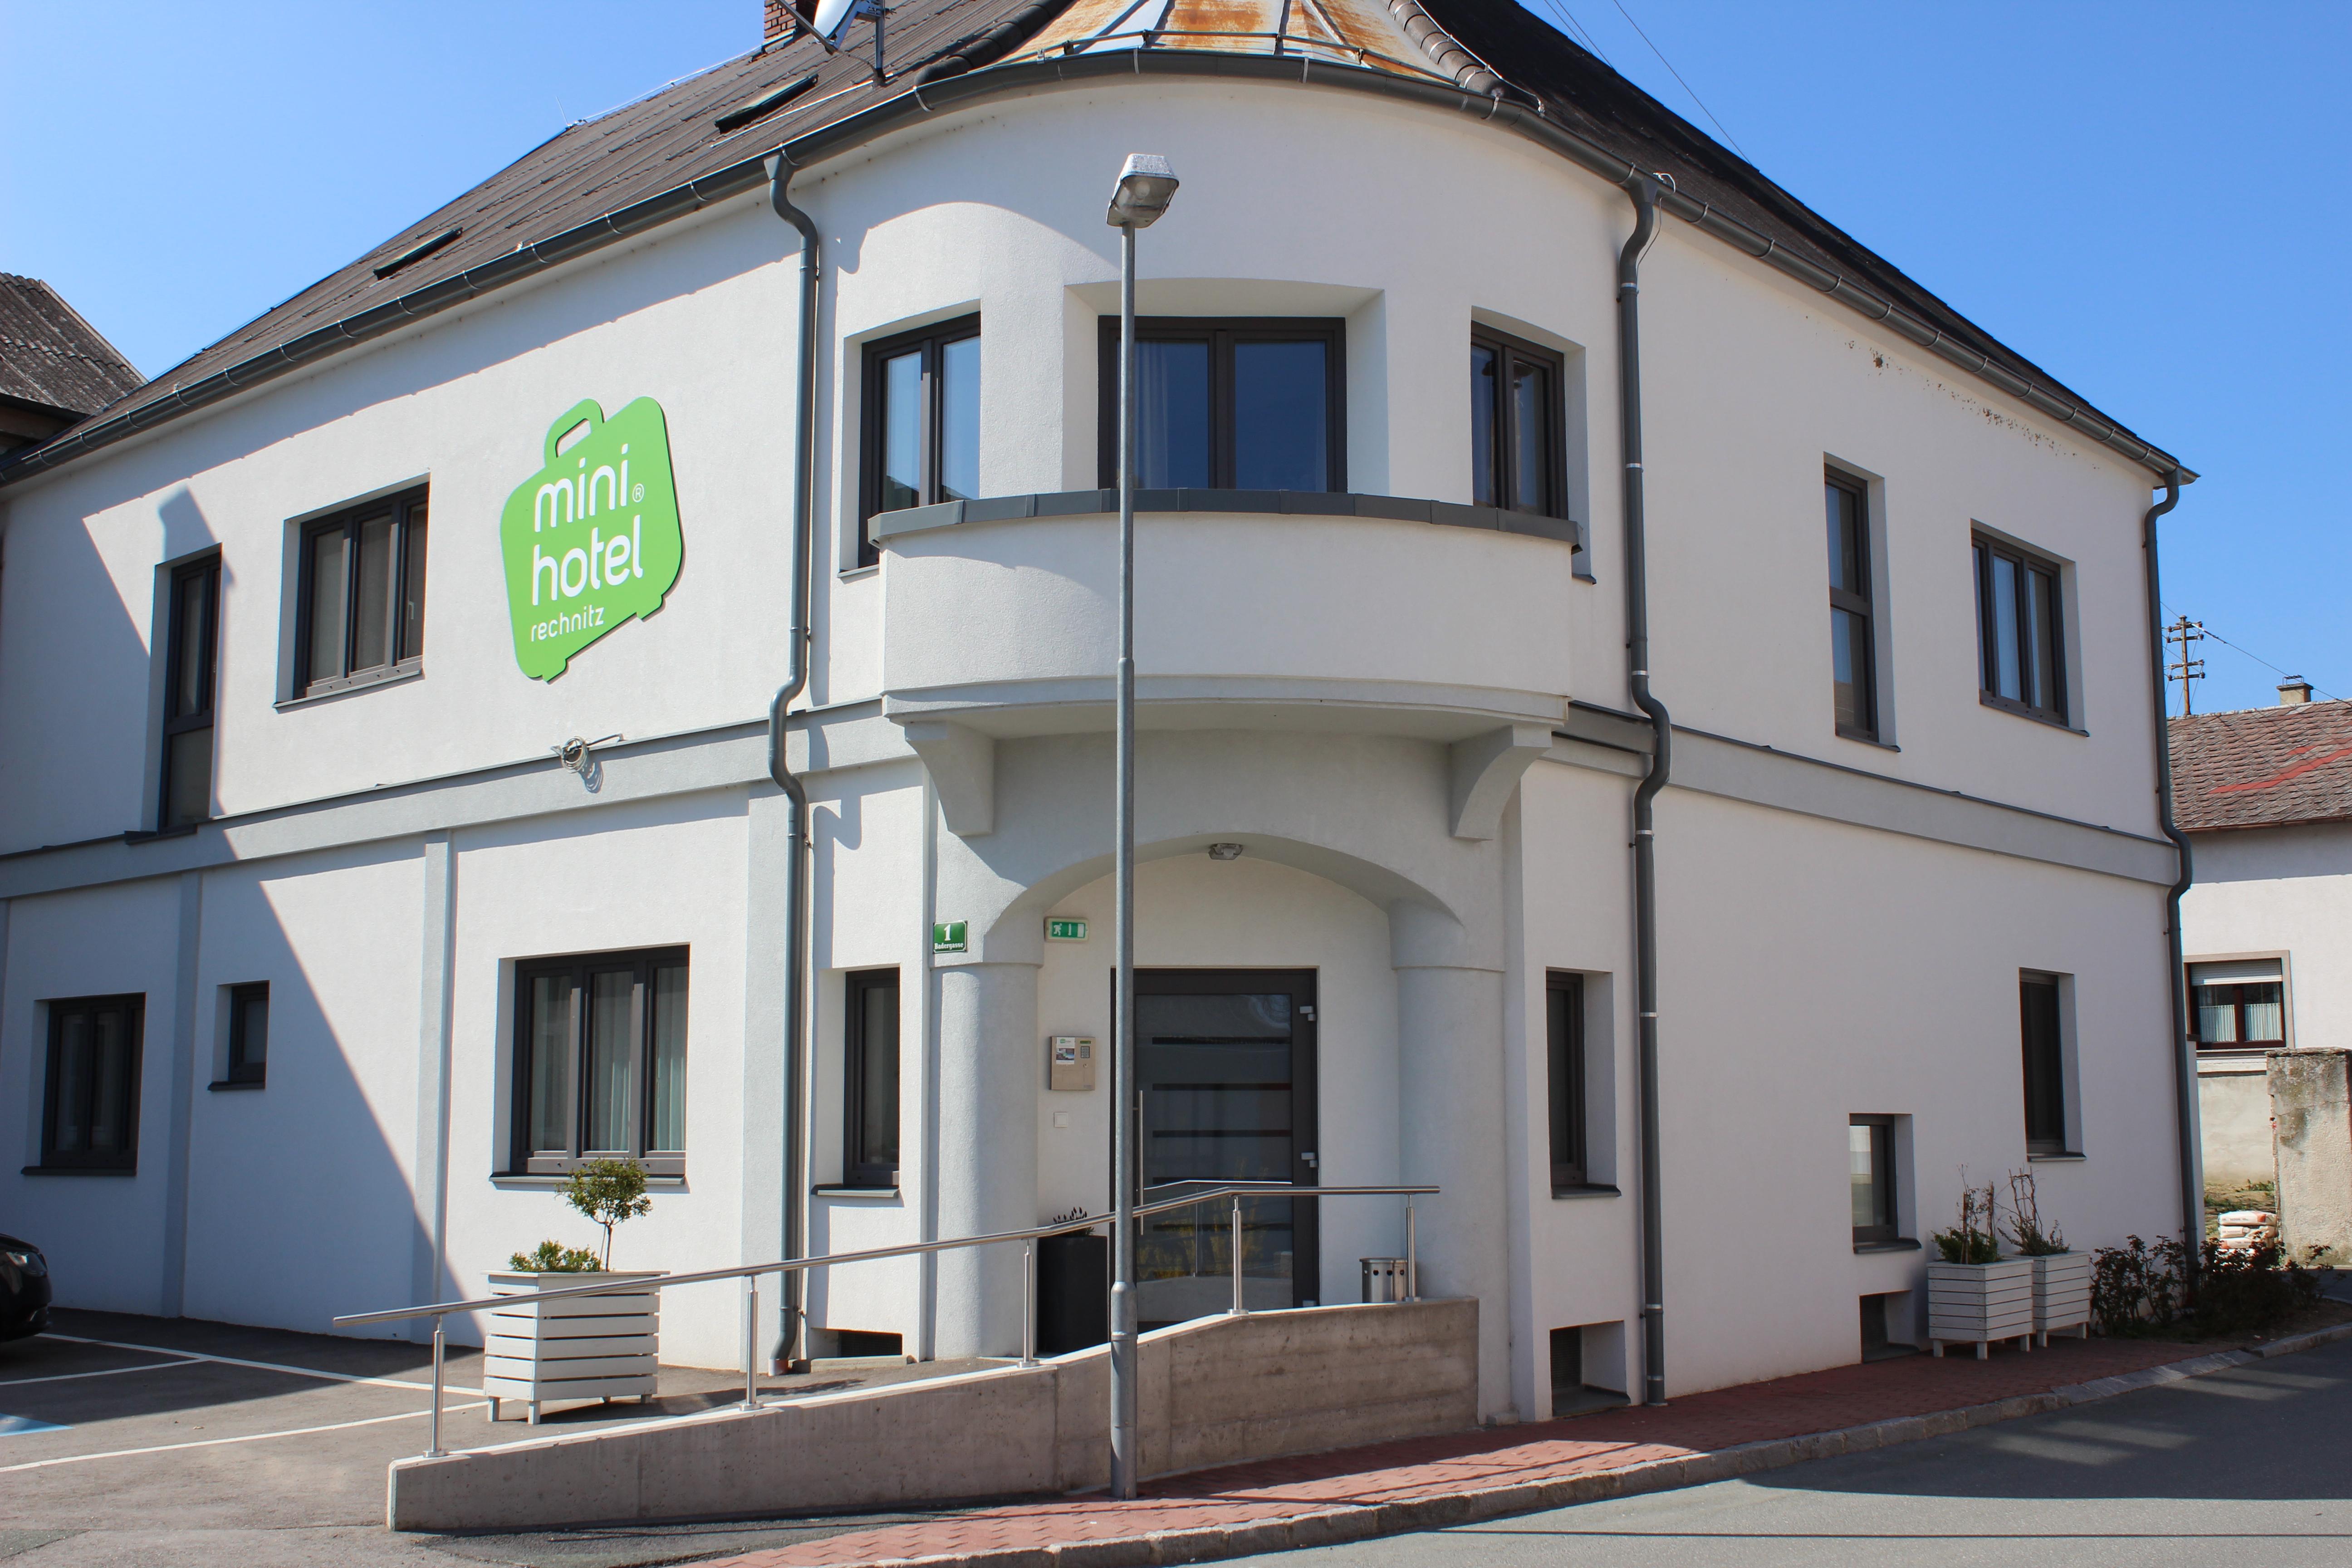 Eingangsbereich des Minihotels von außen mit grünem Logo auf Hausfassade